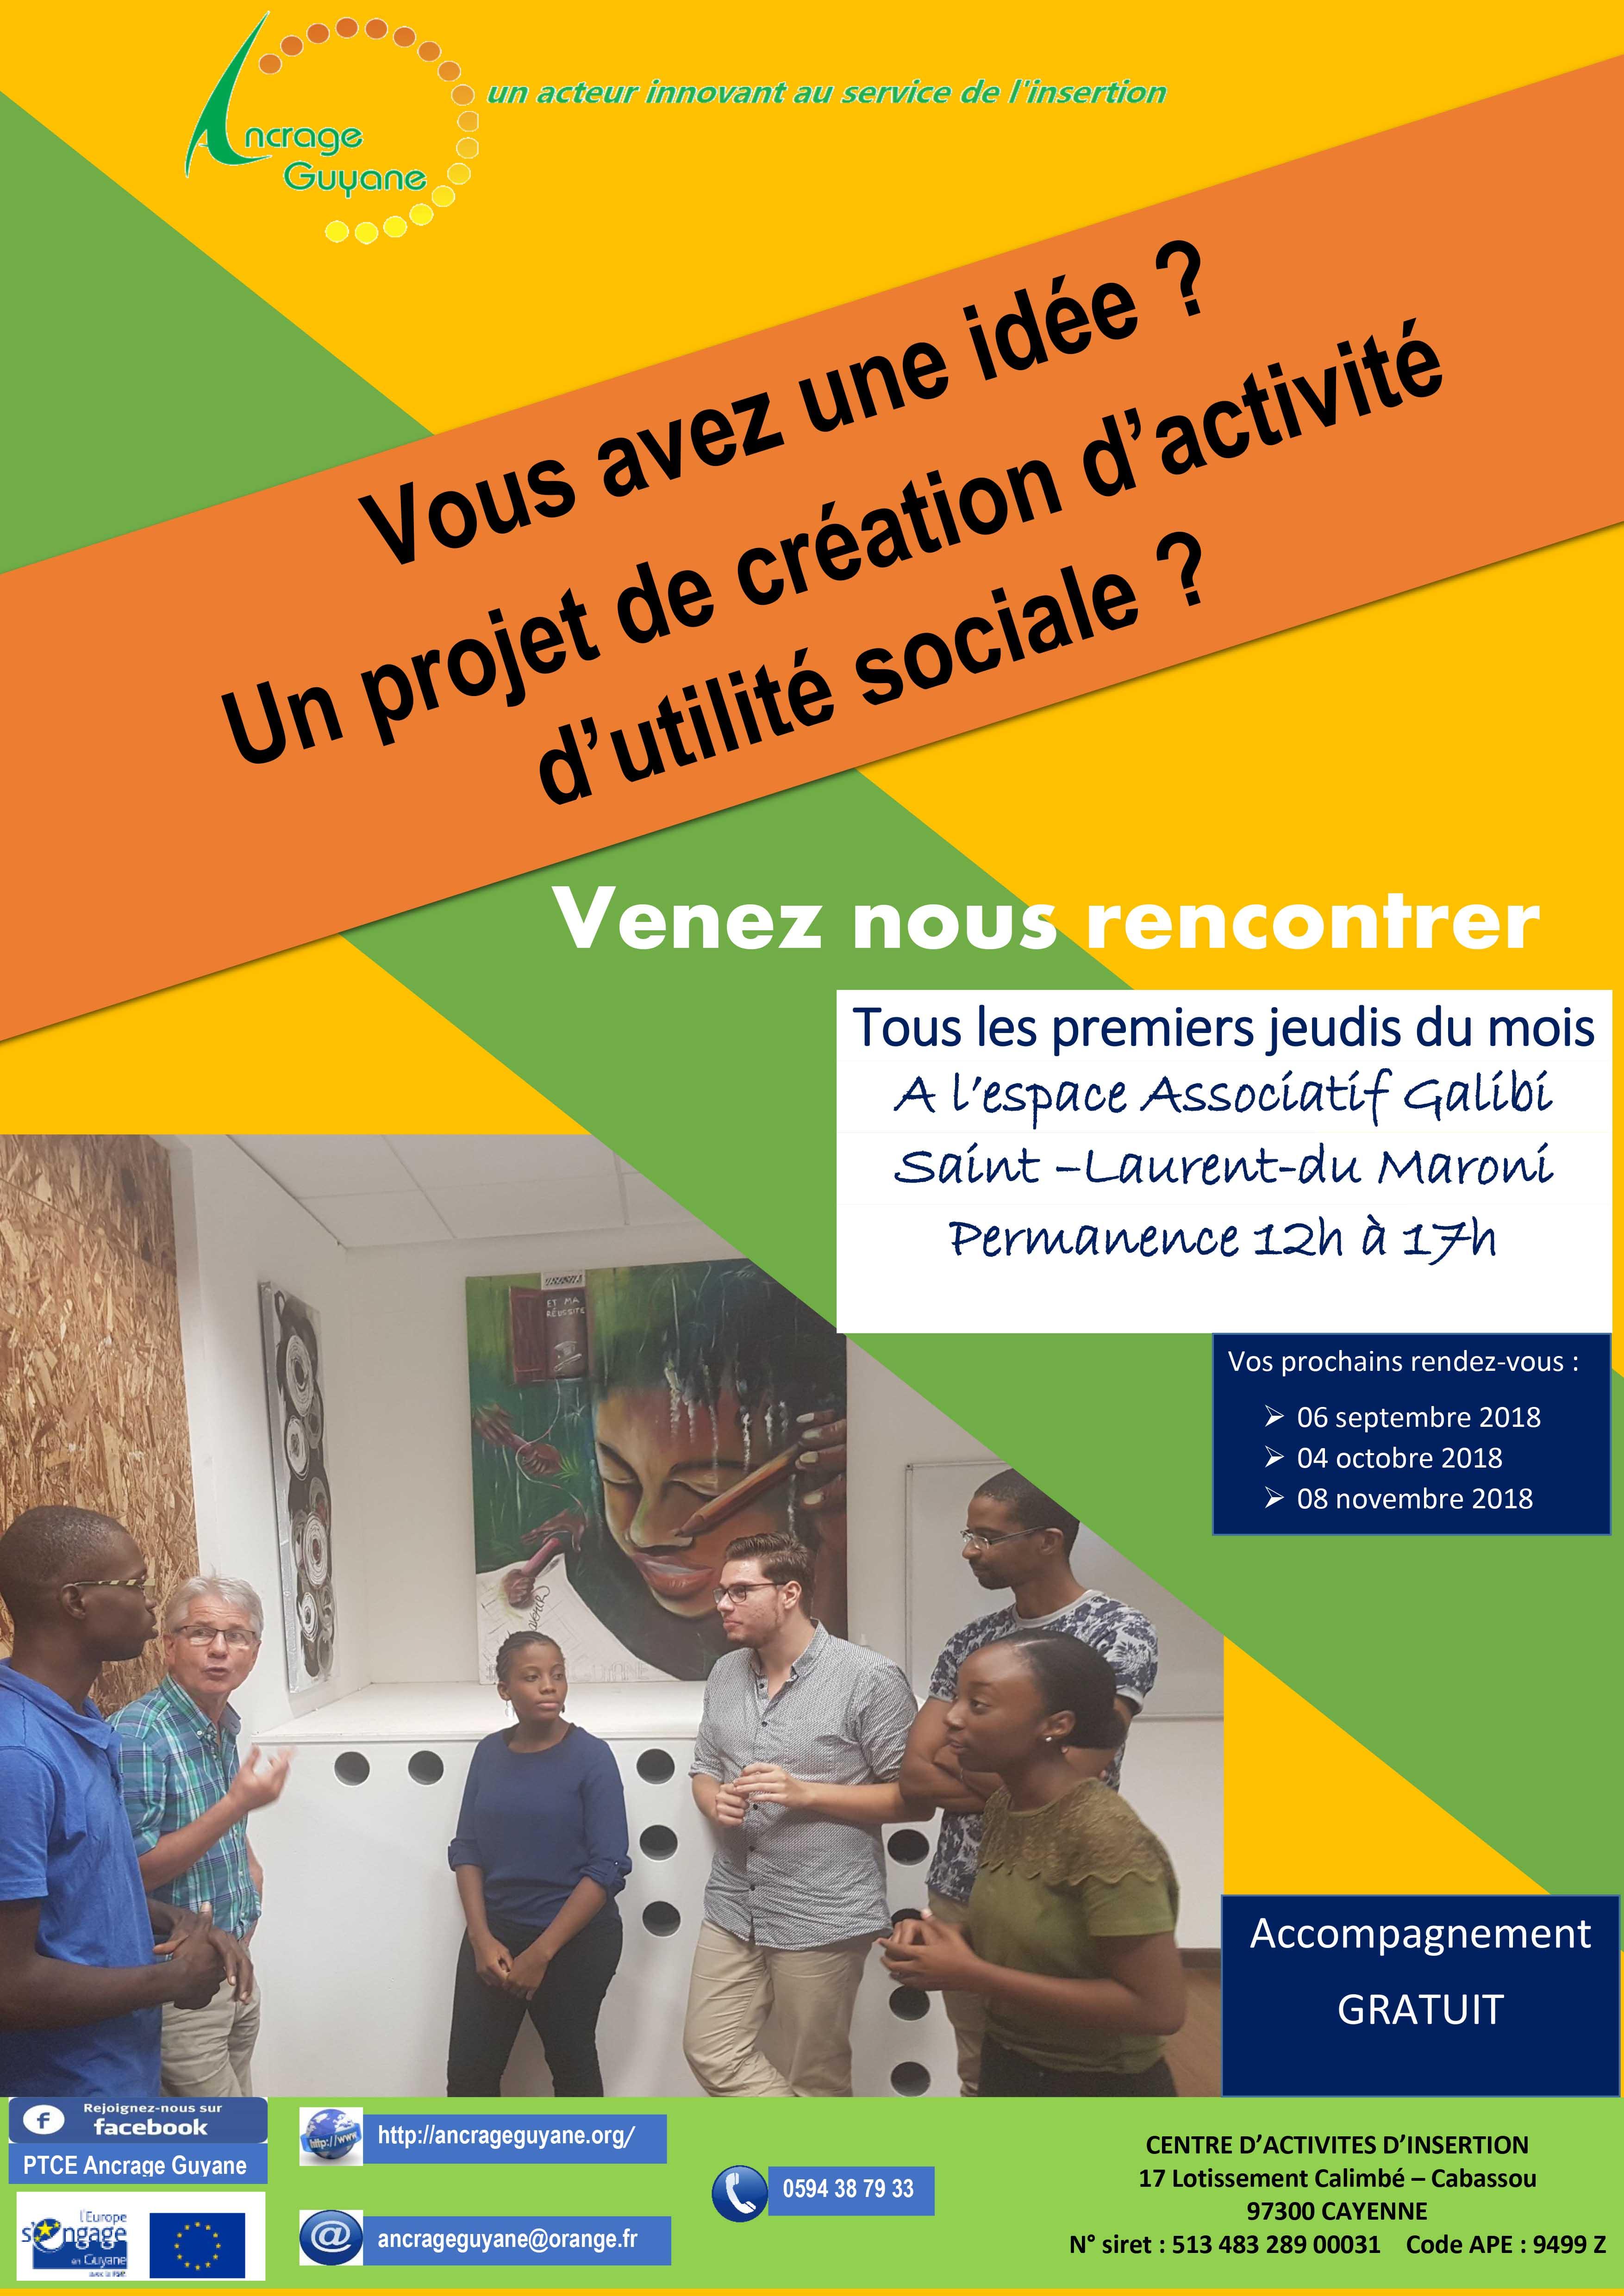 Pour les porteurs de projets d'utilité sociale, permanence mensuelle du PDRL ce jeudi 06 septembre